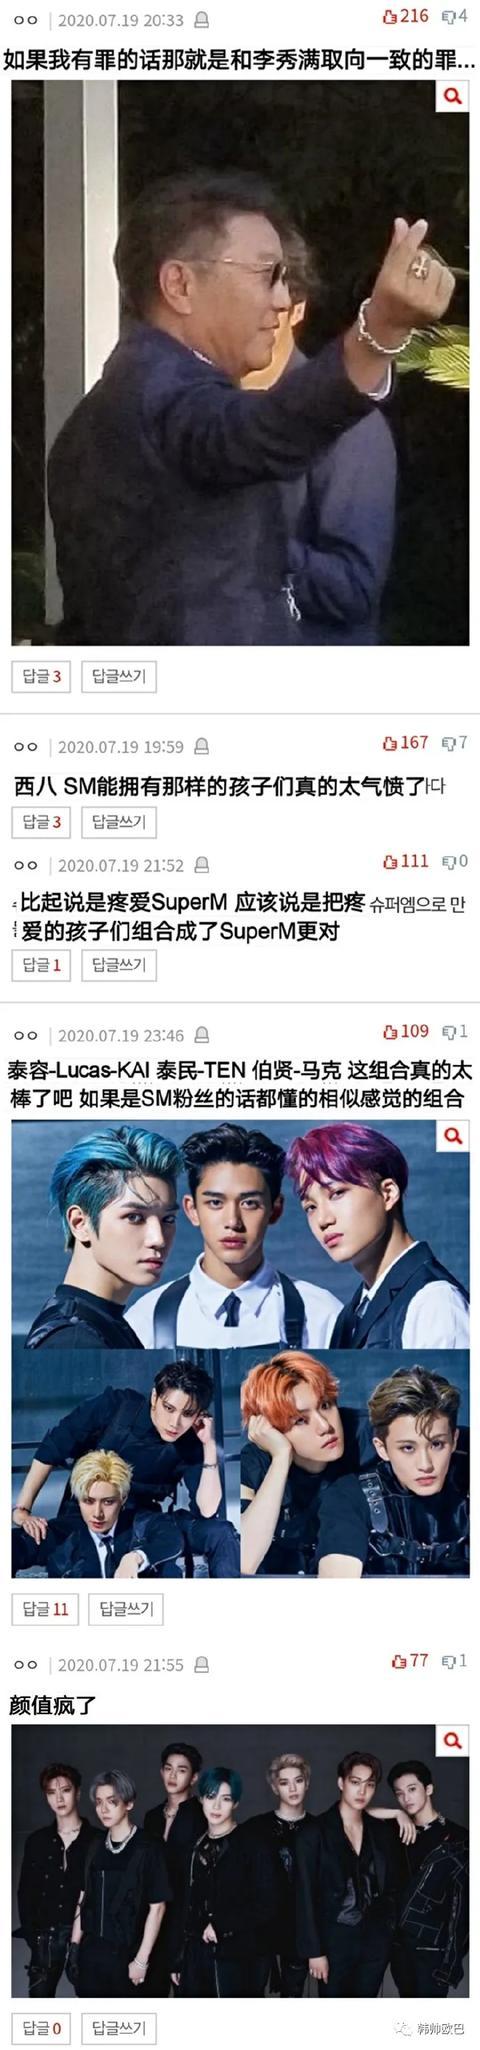 李秀满特别疼爱SuperM的理由